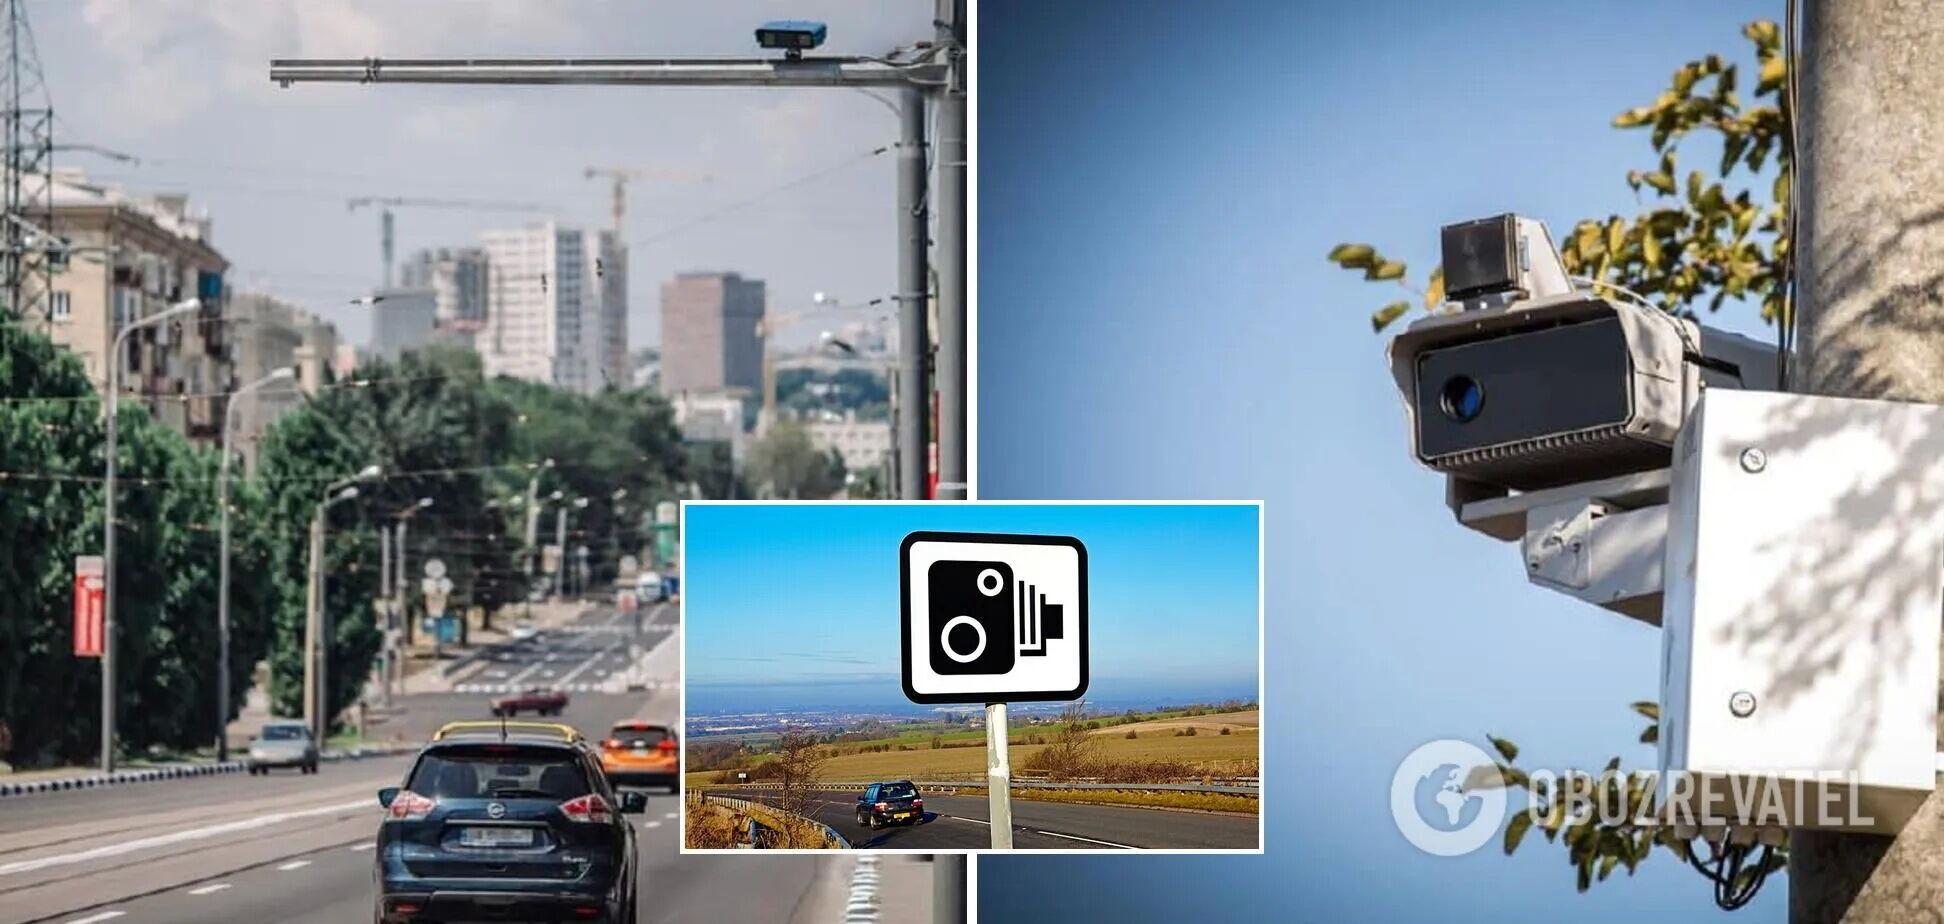 Посміхніться, вас знімають! Ще 17 камер автофіксації запрацювали на дорогах України